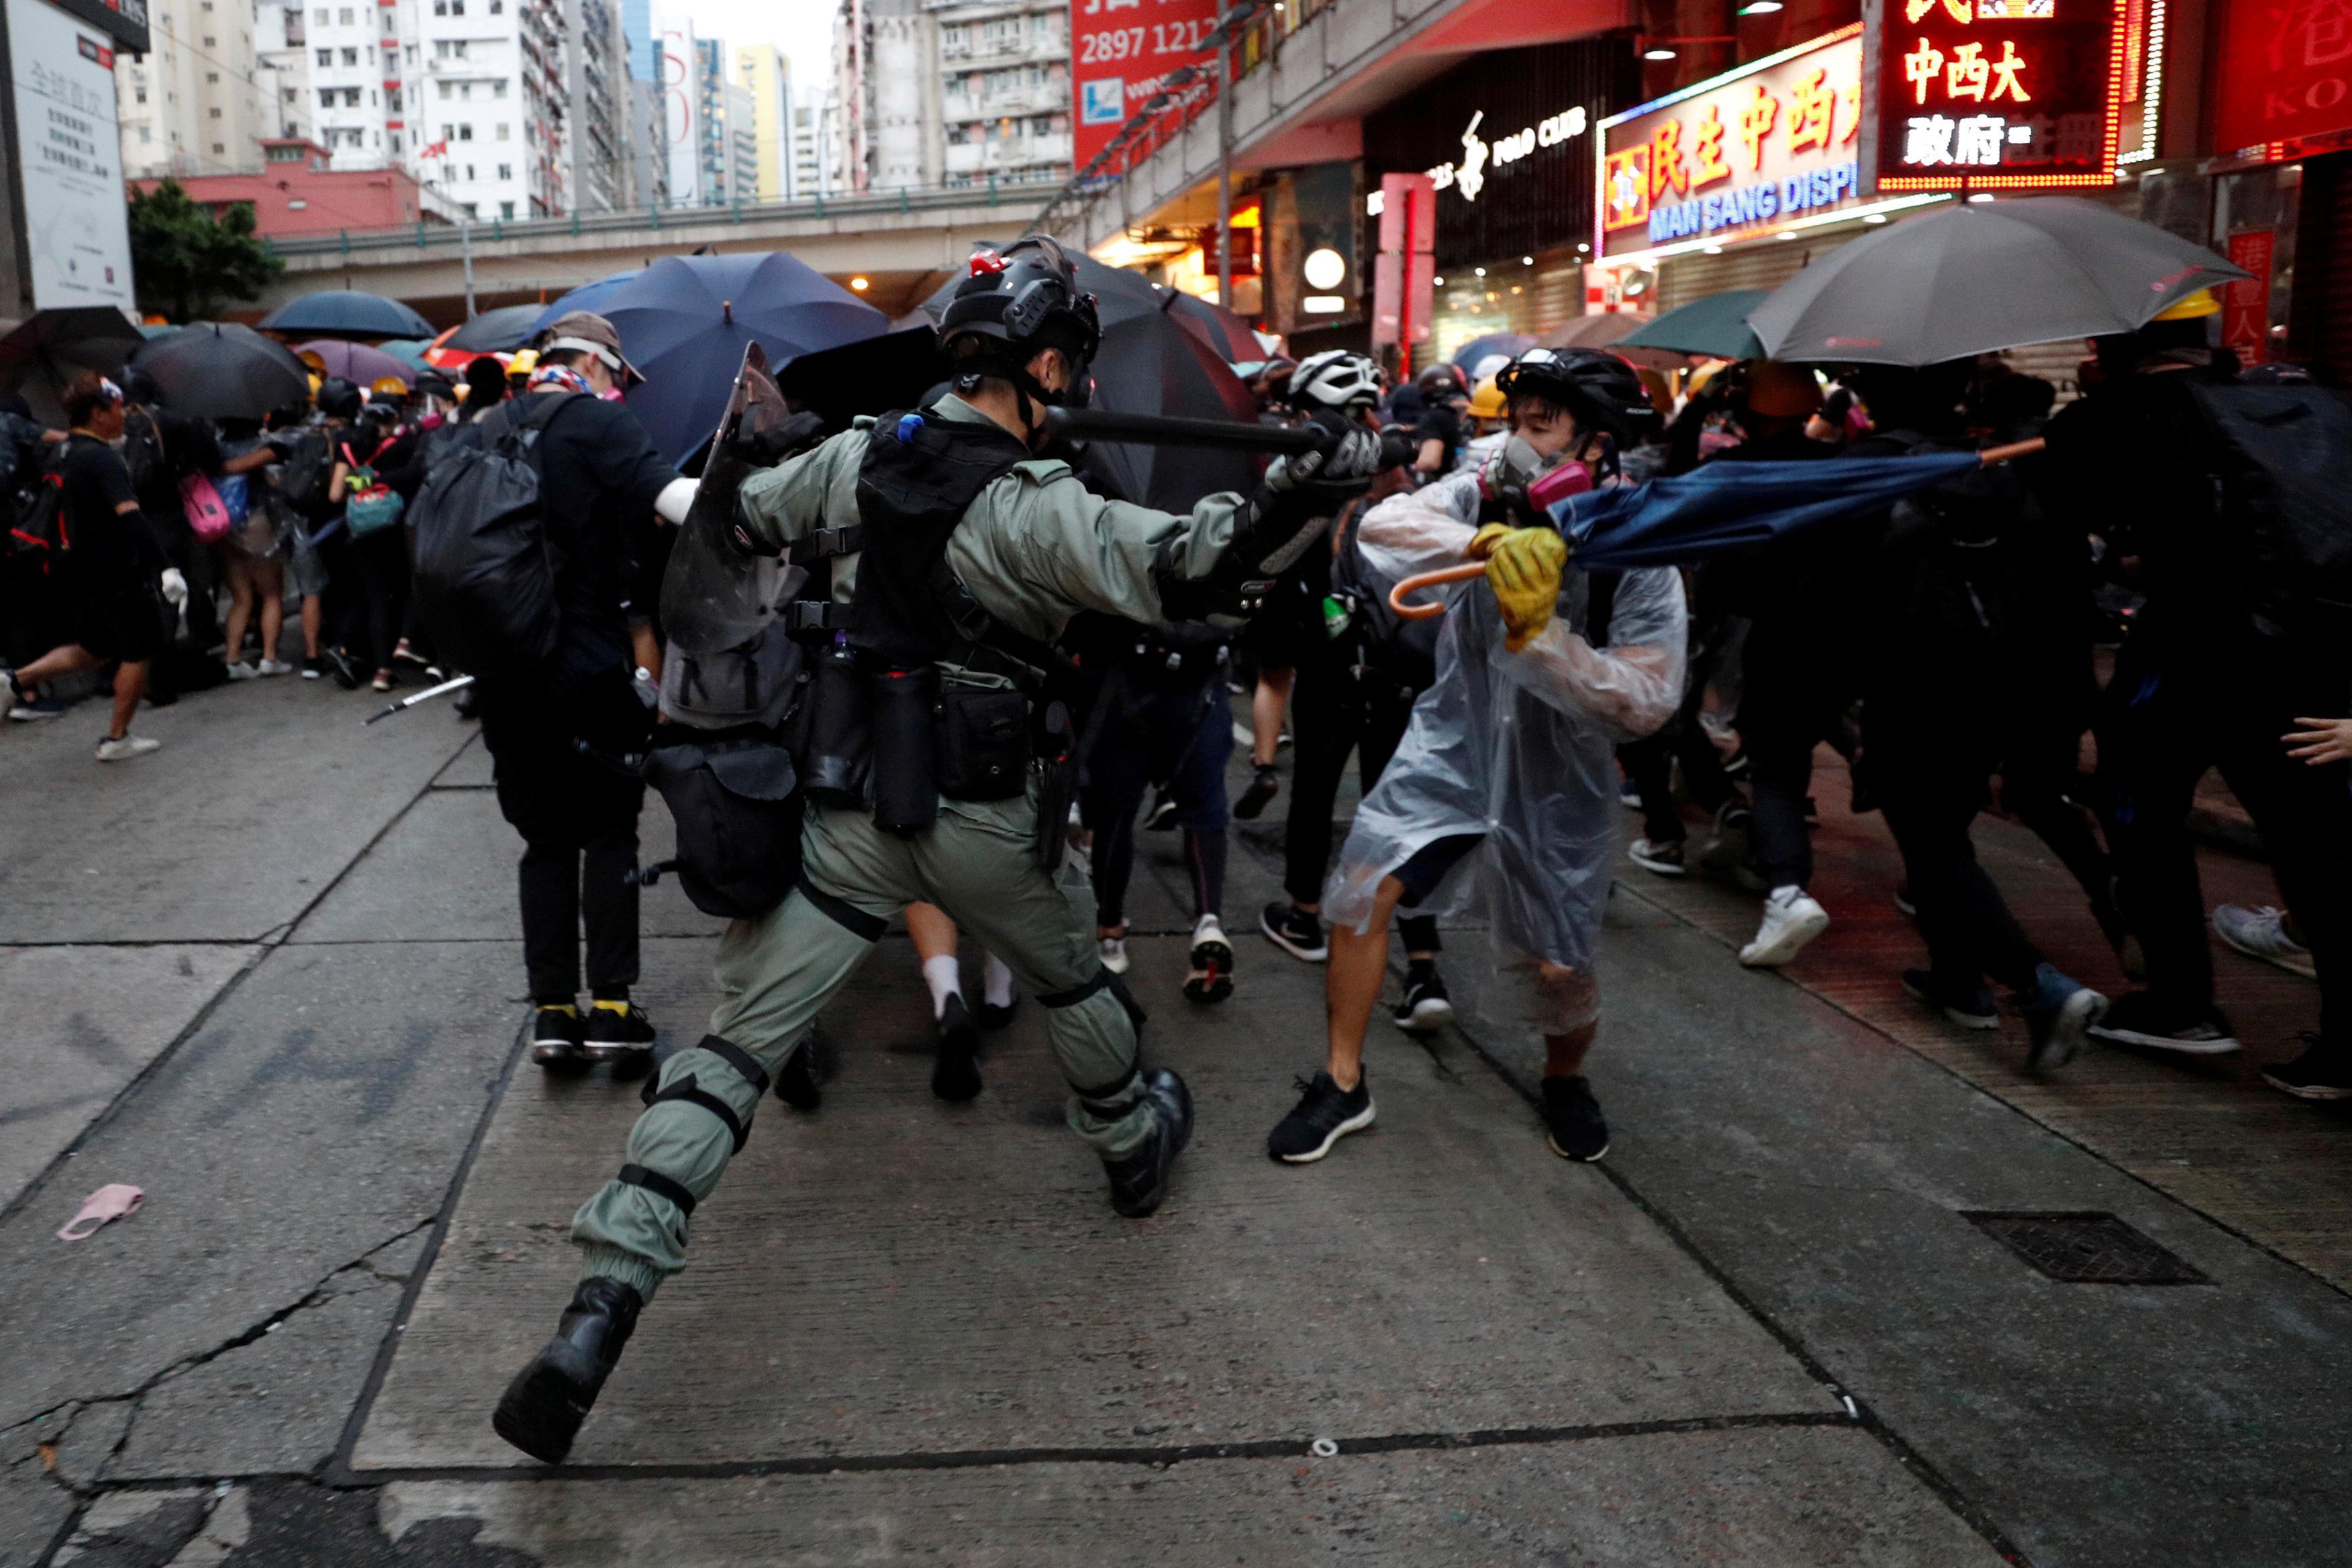 La police de Hong Kong fait une démonstration de force dans les rues, harcelée par les habitants